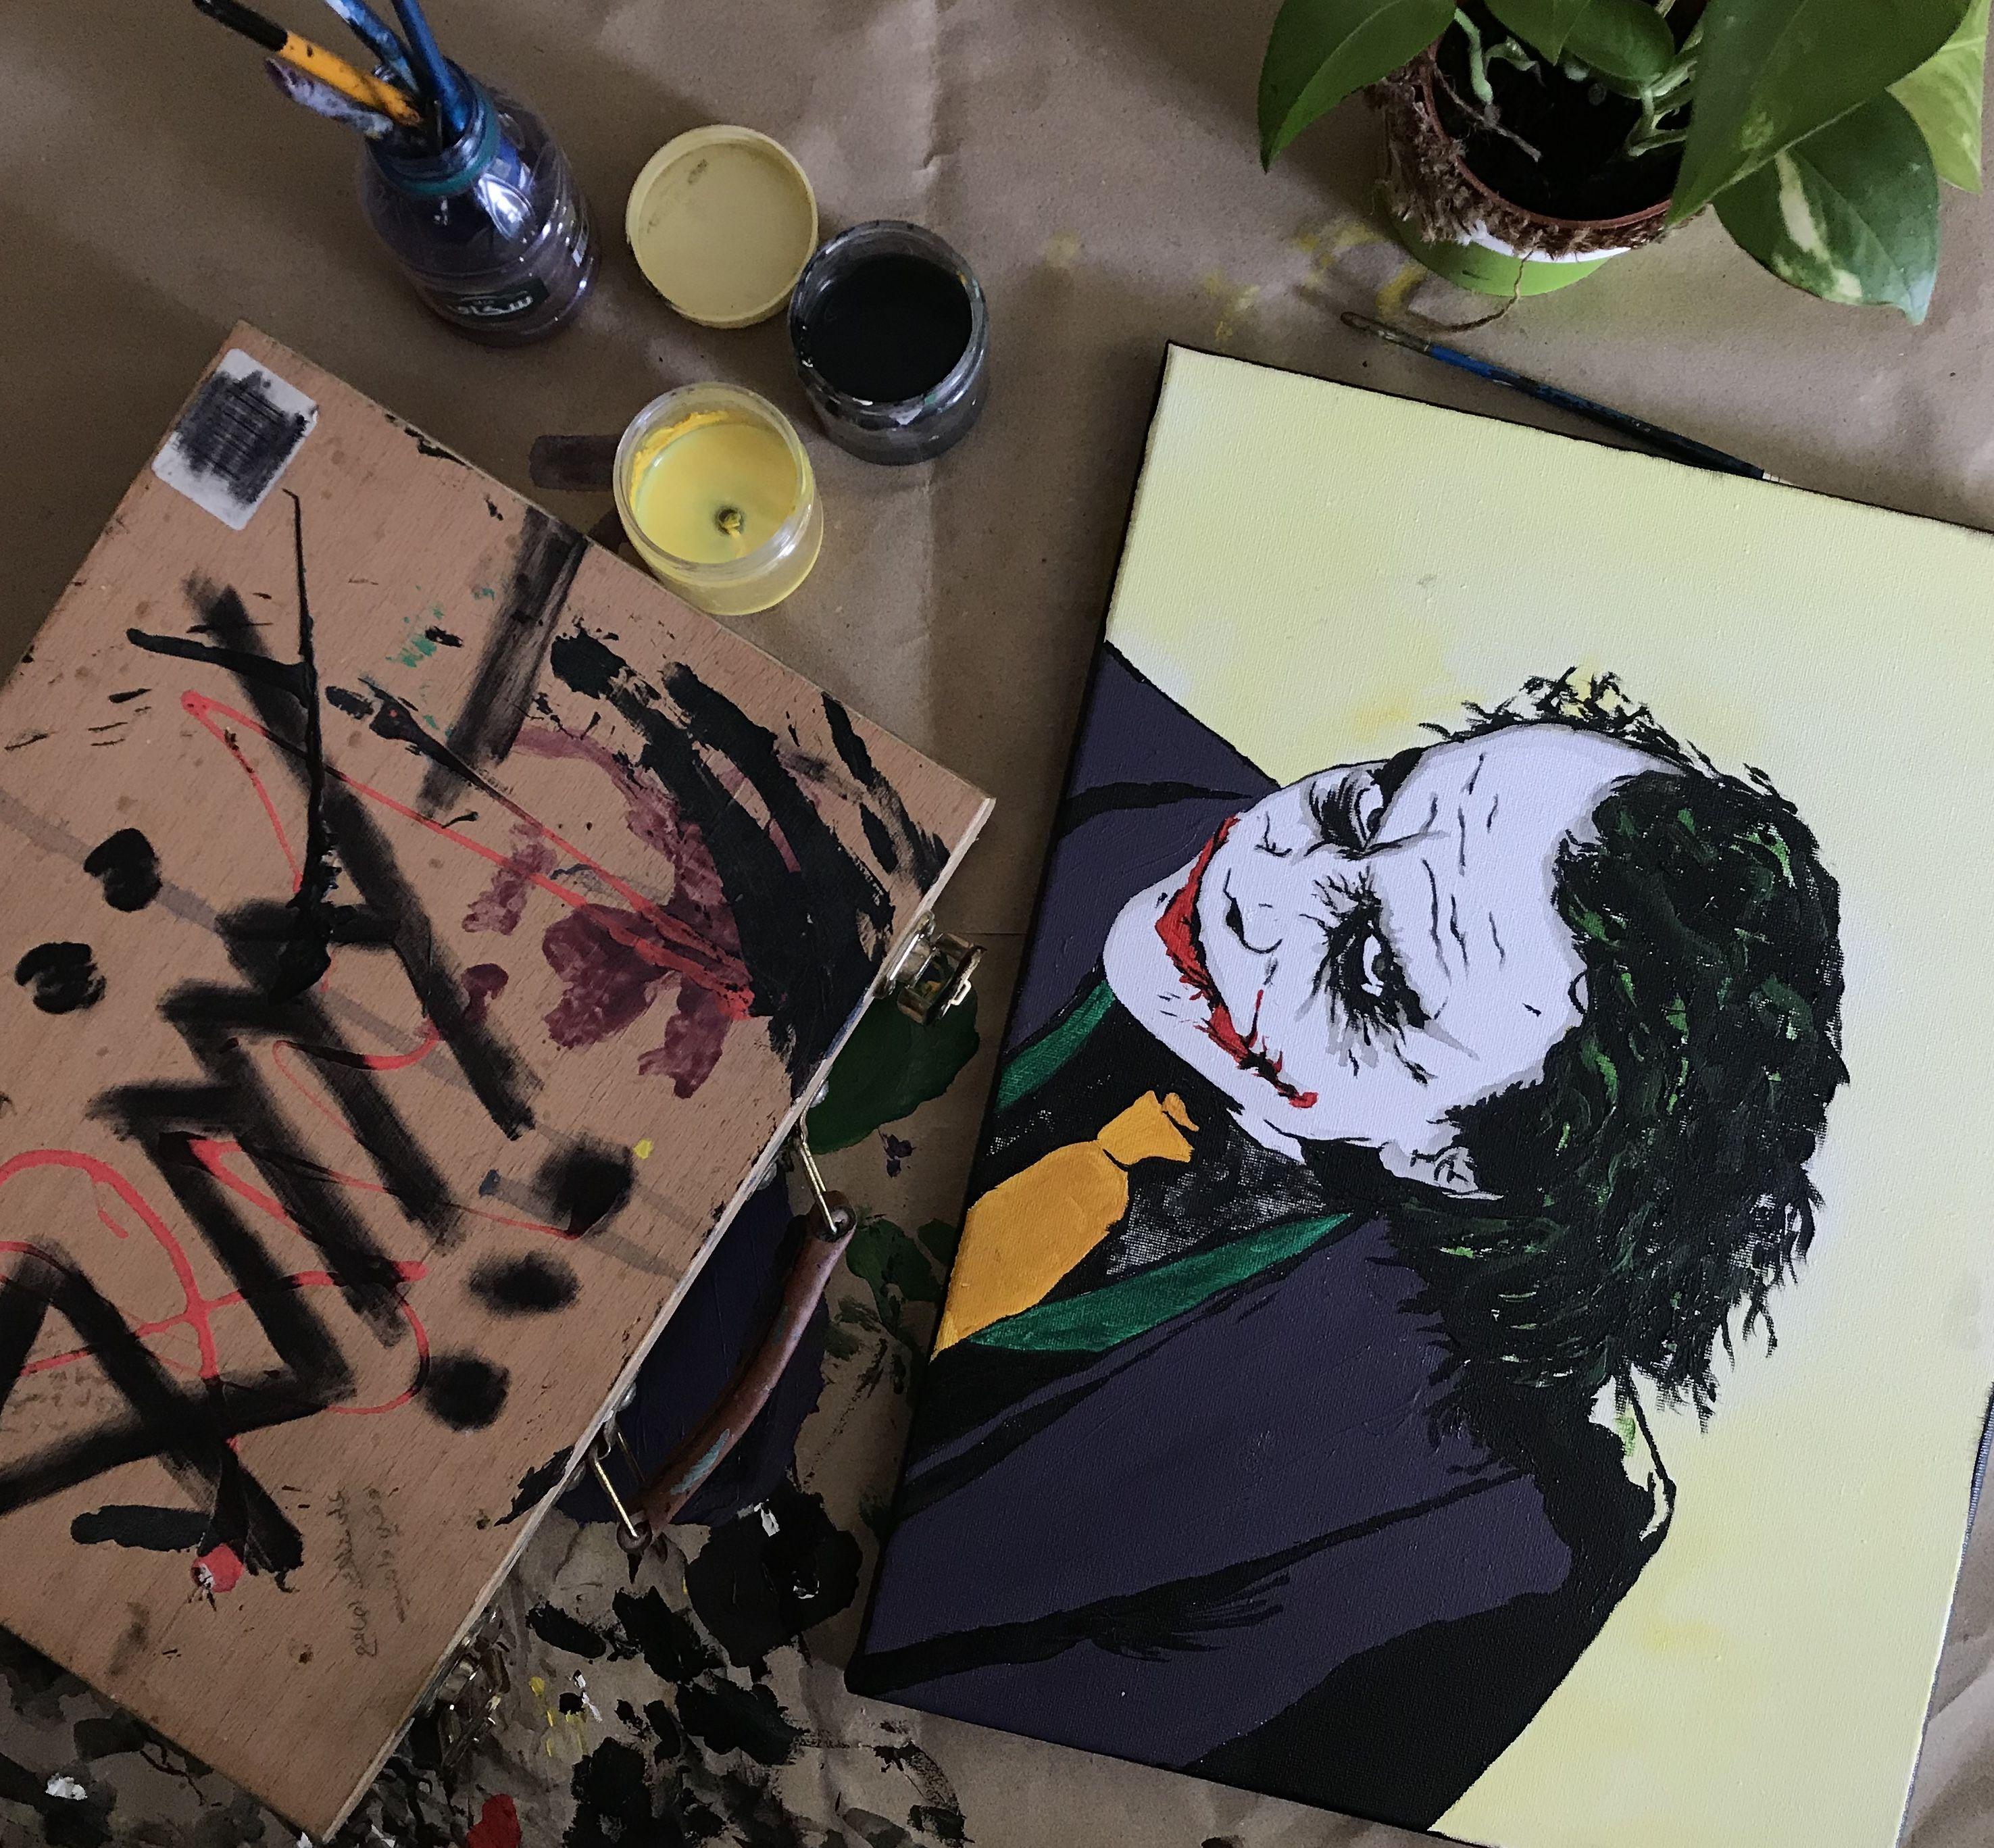 رسمتي للجوكر الجوكر رسم فن Art Pop Art Drawings